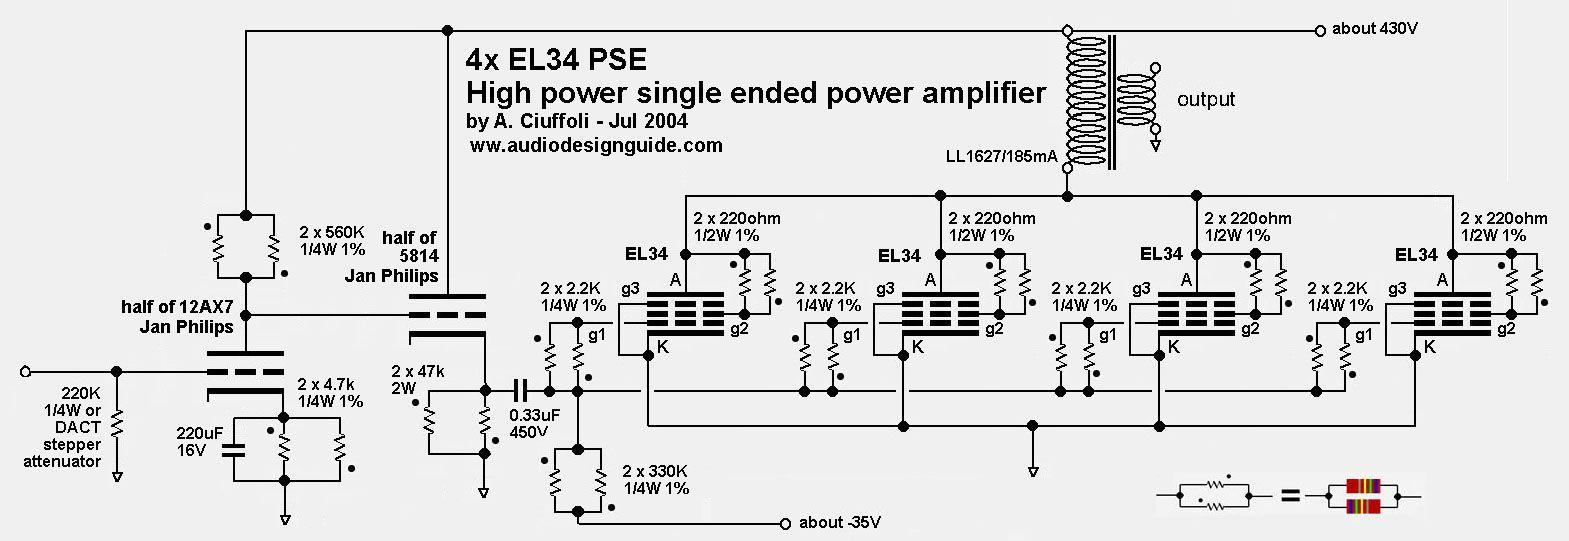 Audiodesignguide.com -la nouvelle EL34 parallèle Asymétrique